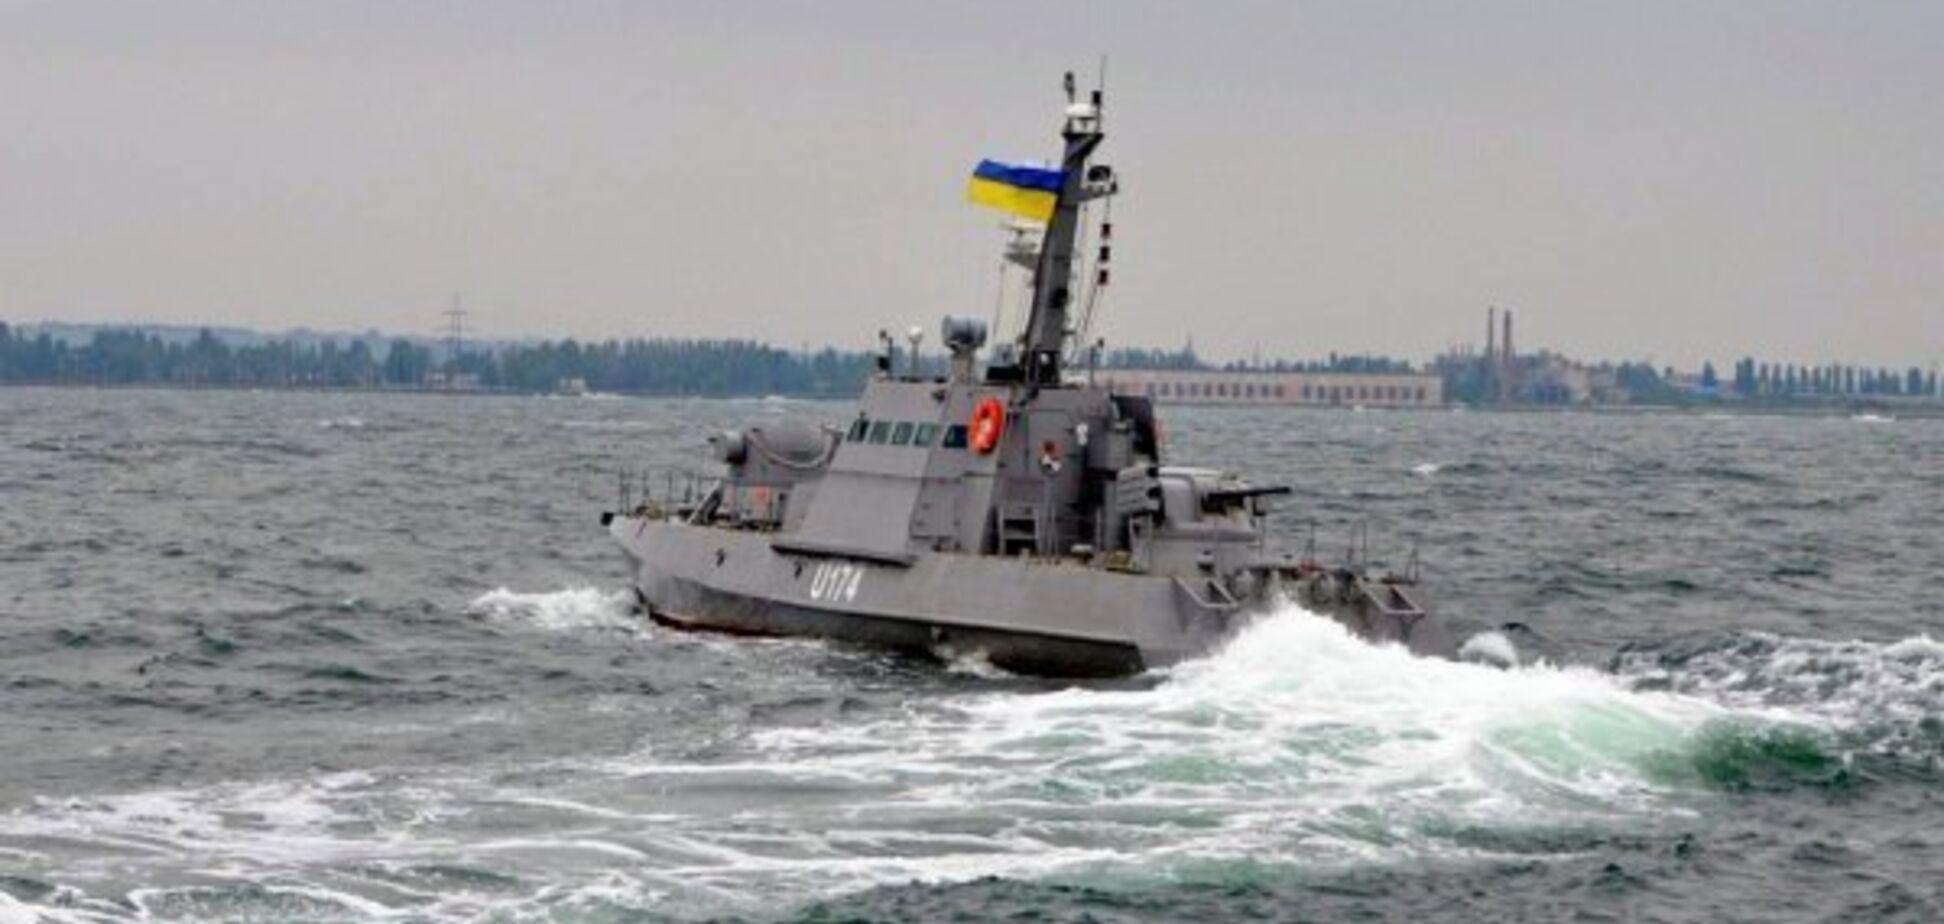 С кораблей украли даже б/у трусы! Всплыли новые доказательства варварства РФ